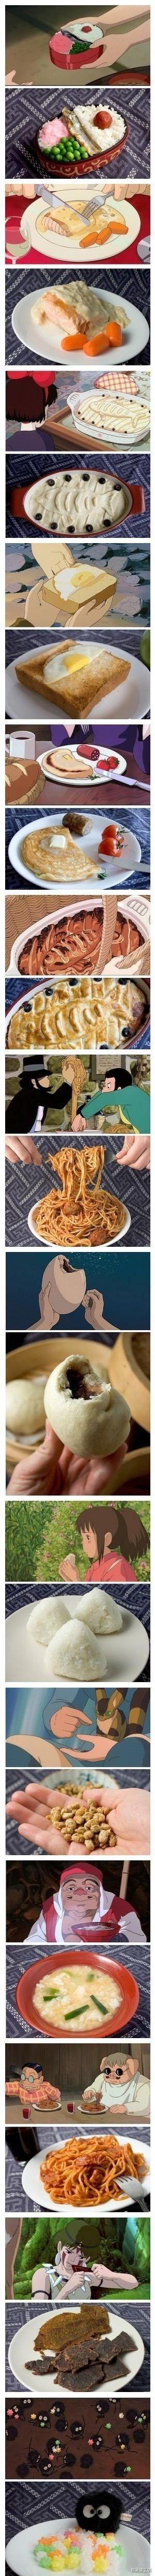 Wonderful #StudioGhibli feast series by Anna the Red! #Miyazaki